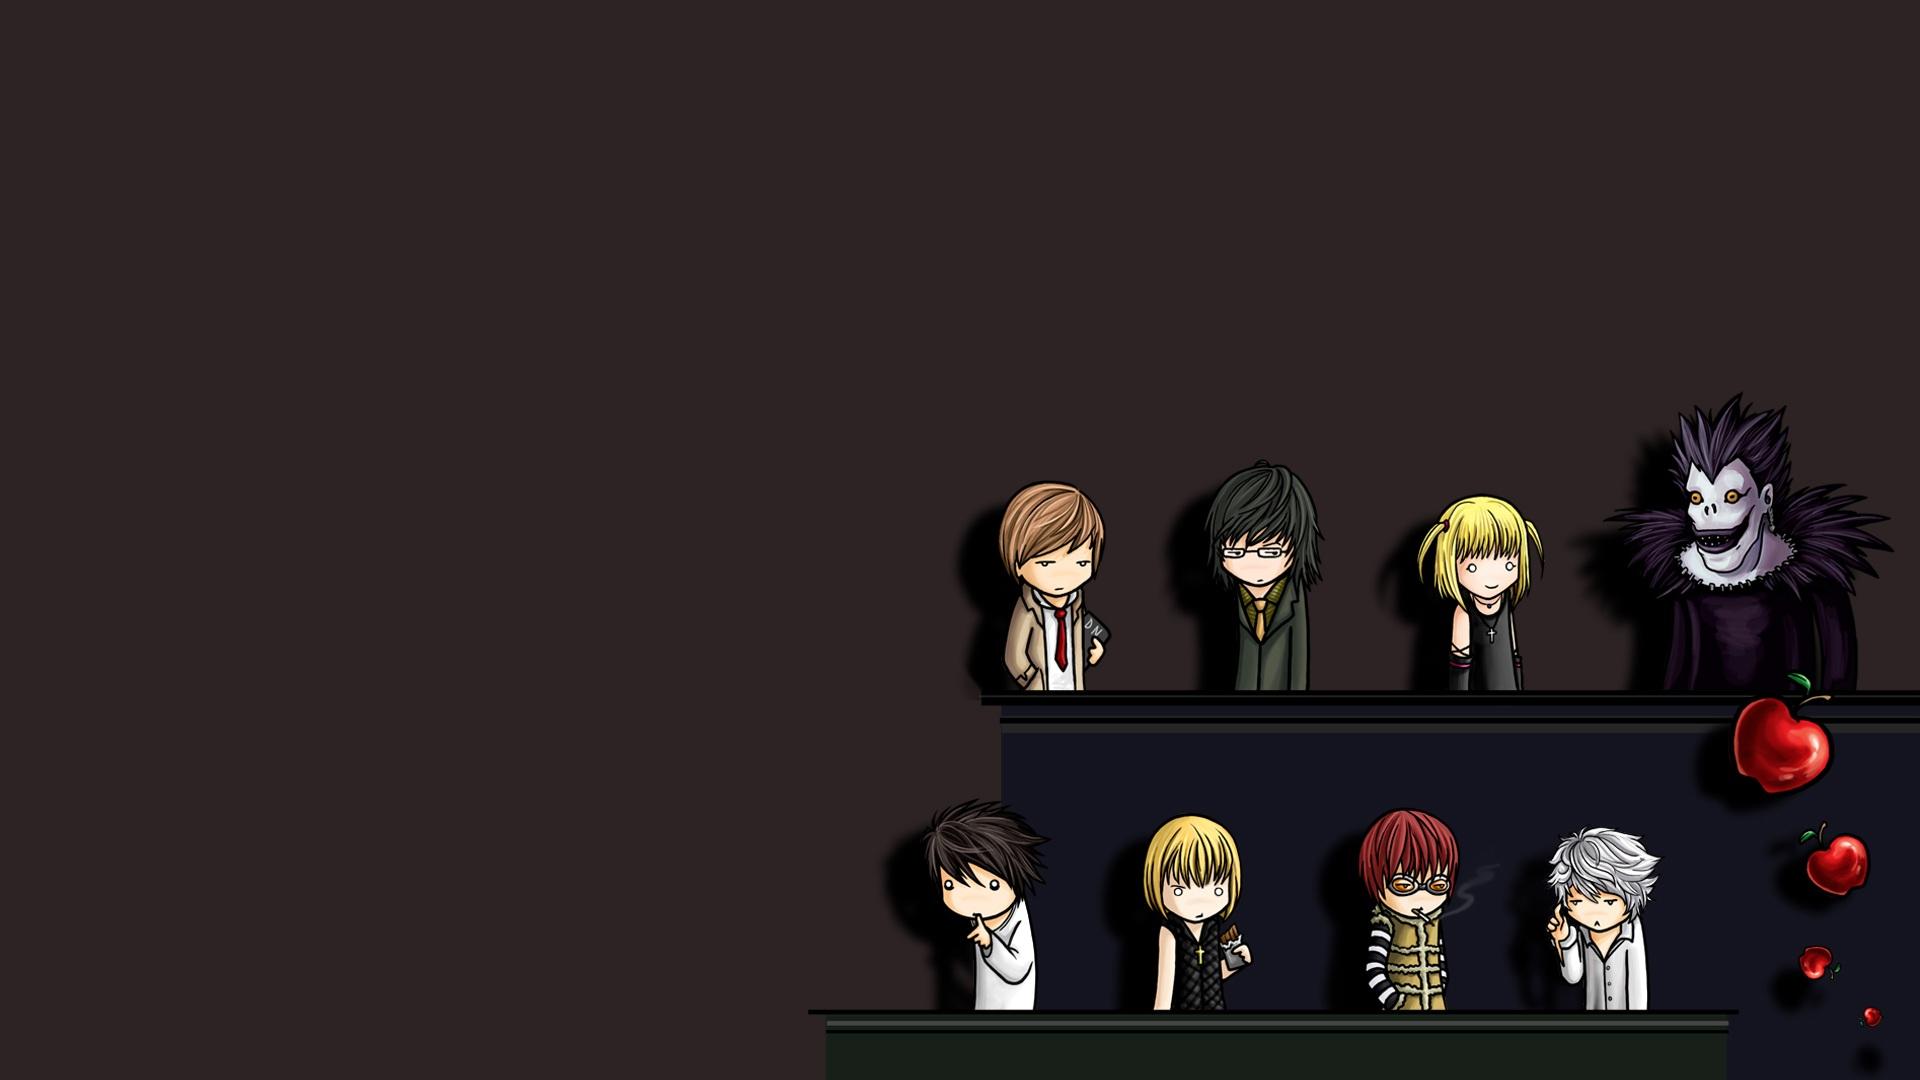 Death Note Full HD Papel de Parede and Planos de Fundo ...